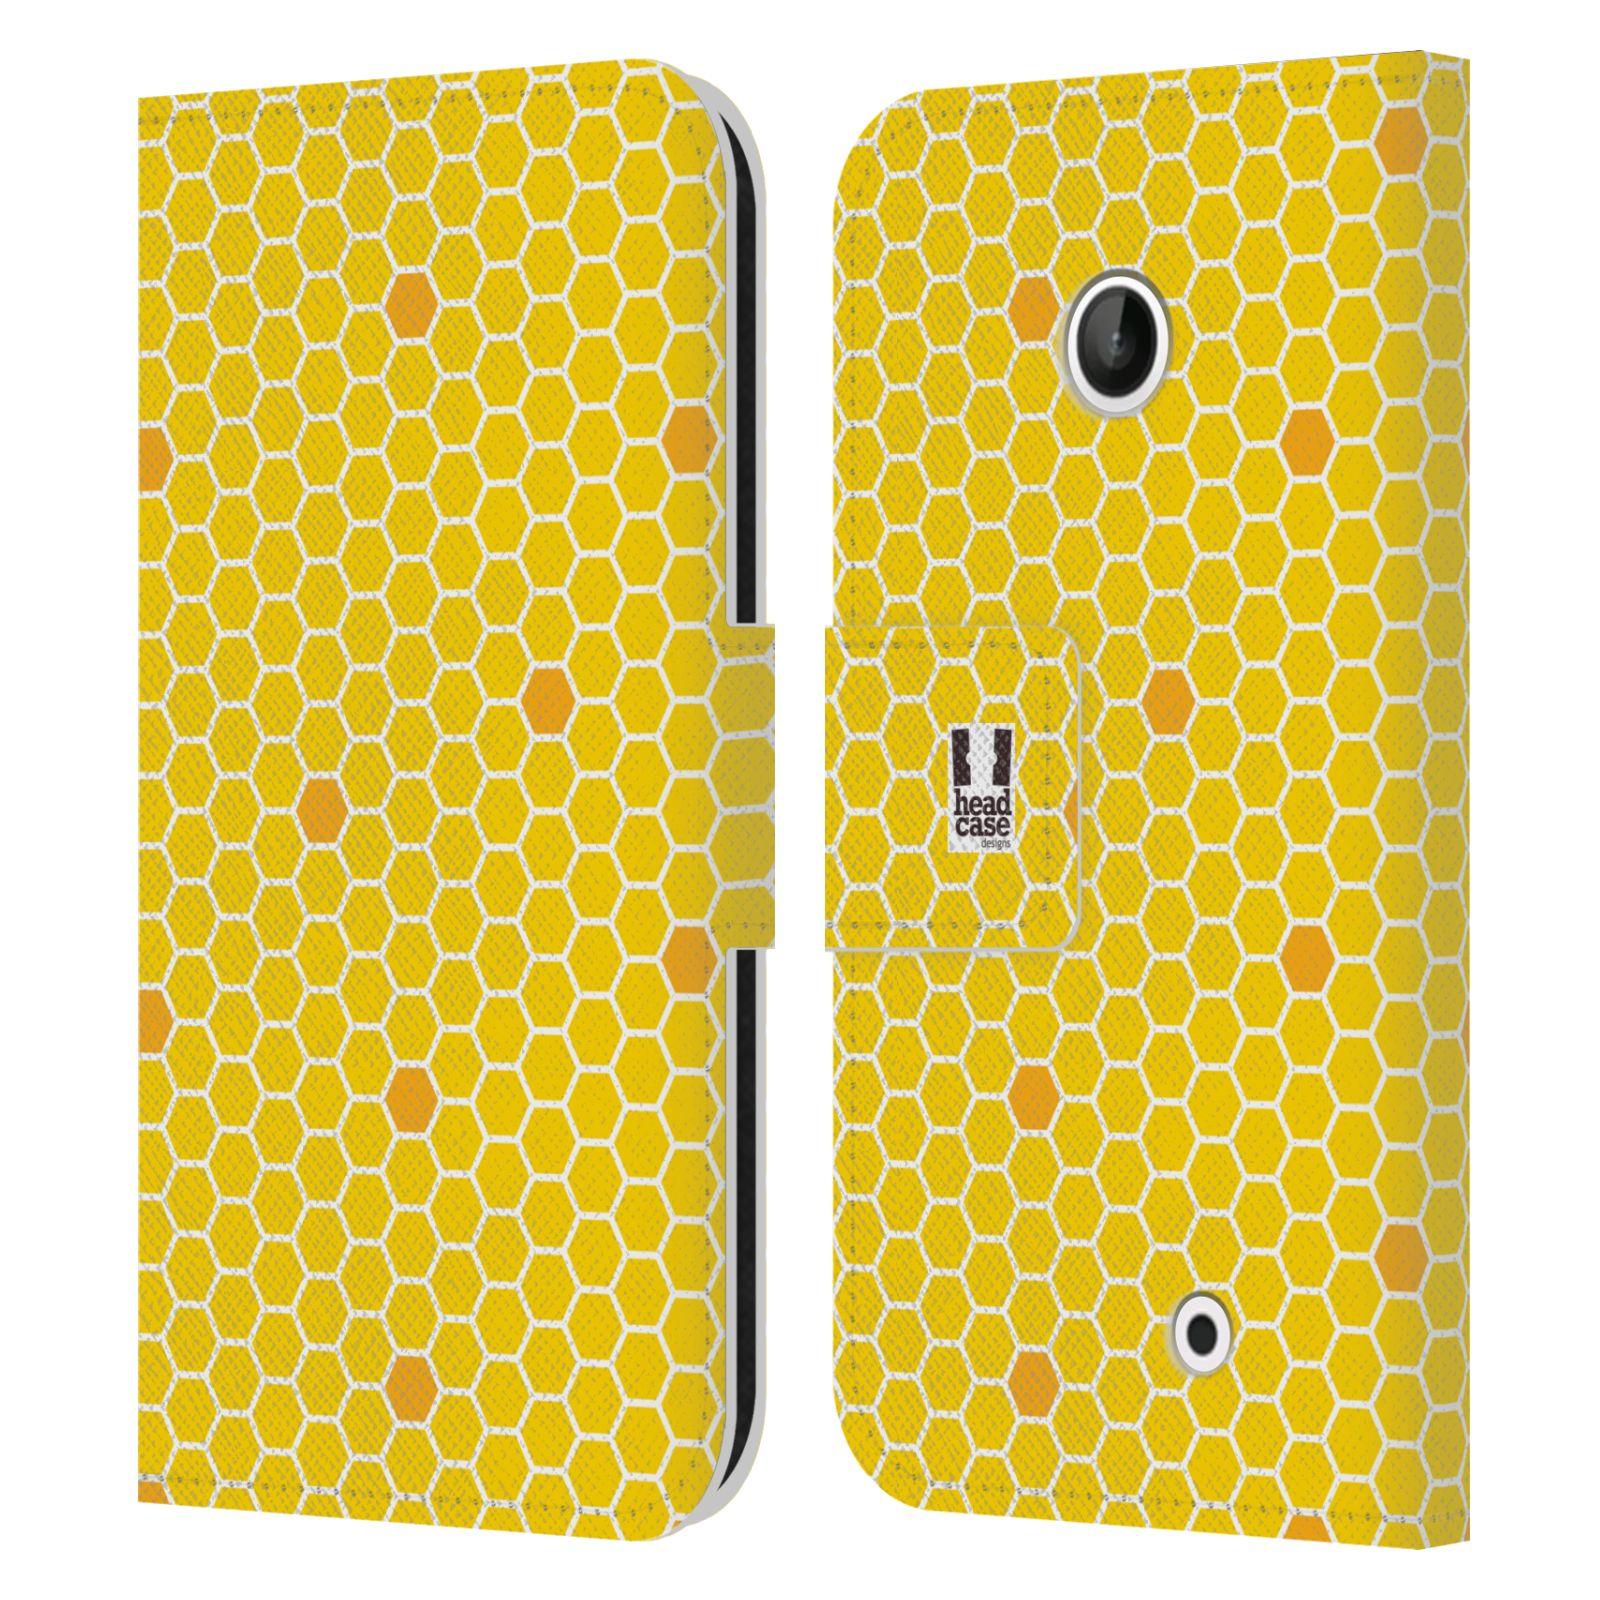 HEAD CASE Flipové pouzdro pro mobil NOKIA LUMIA 630 / LUMIA 630 DUAL VČELÍ VZOR plástev žlutá